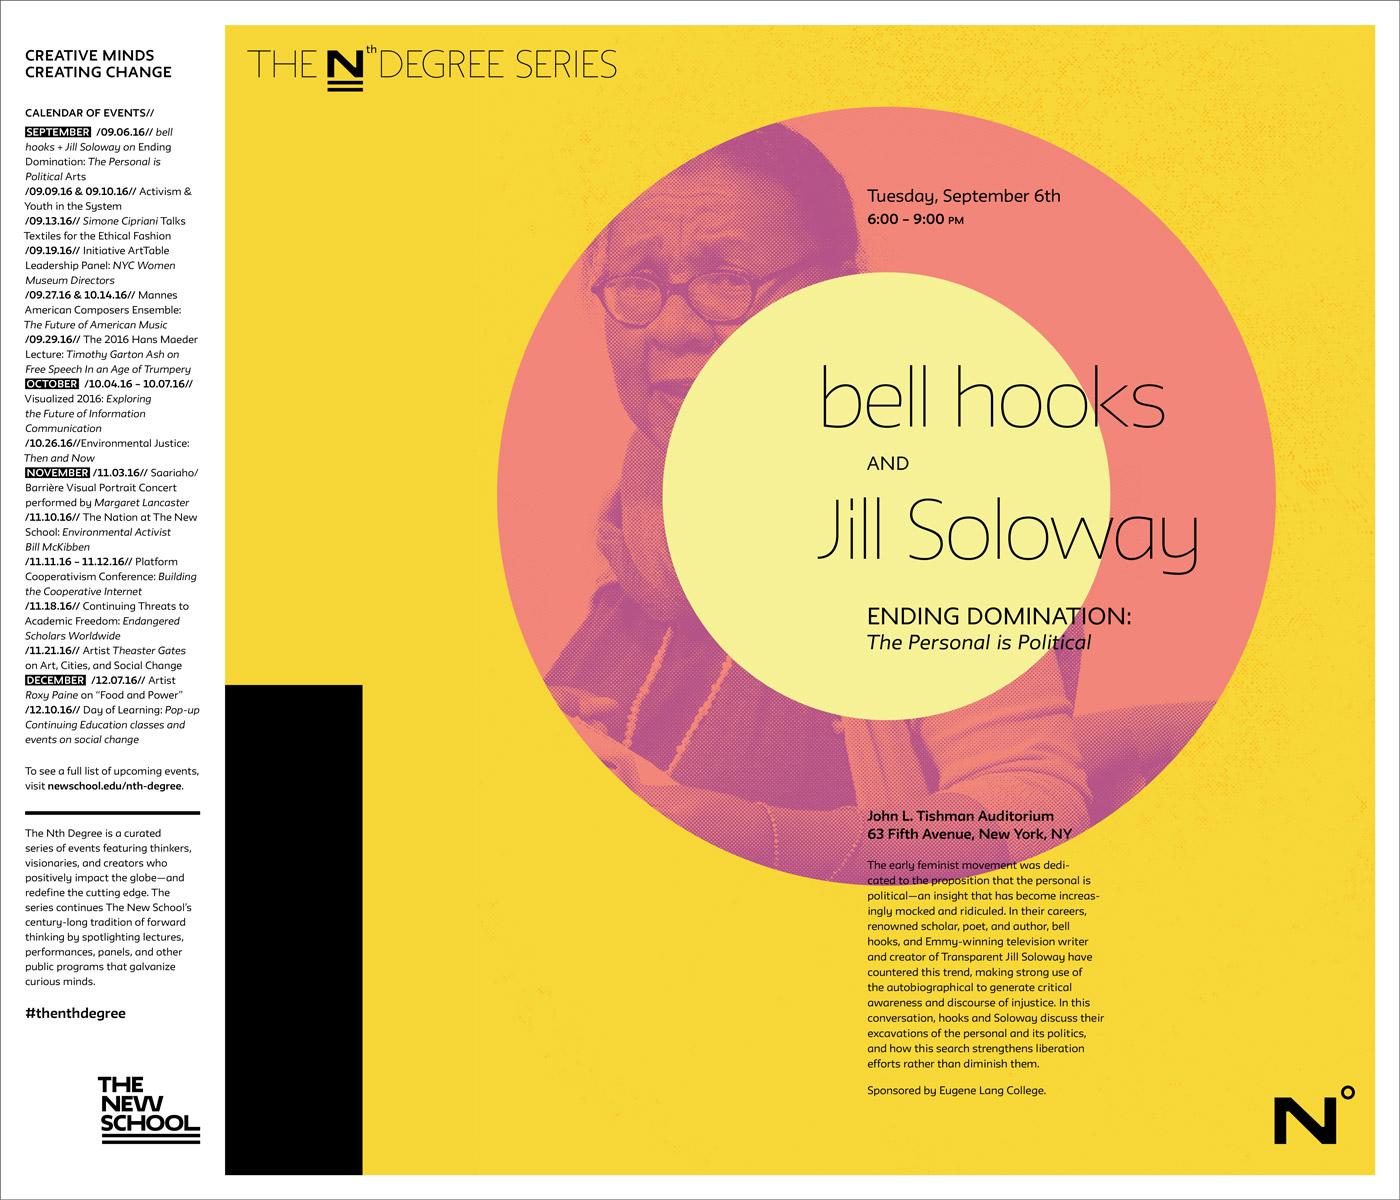 bell hooks poster